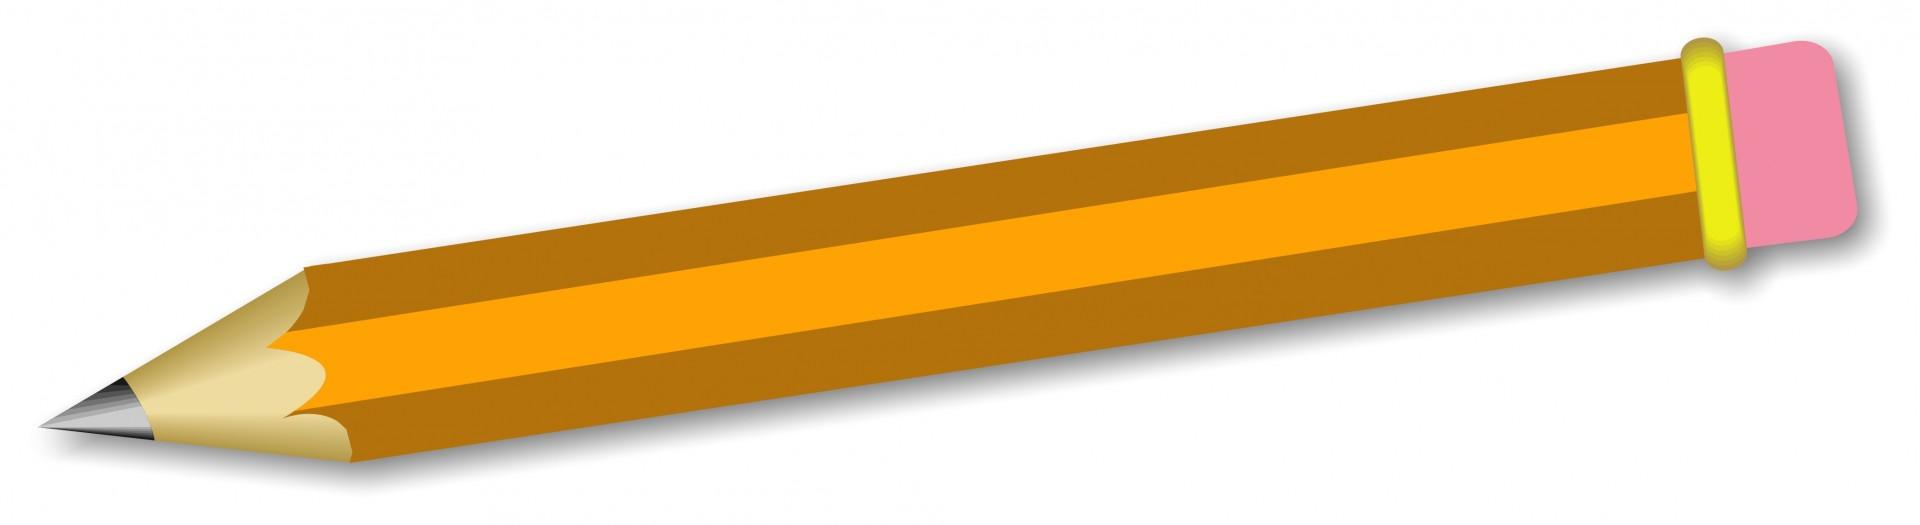 Pencil clipart 4